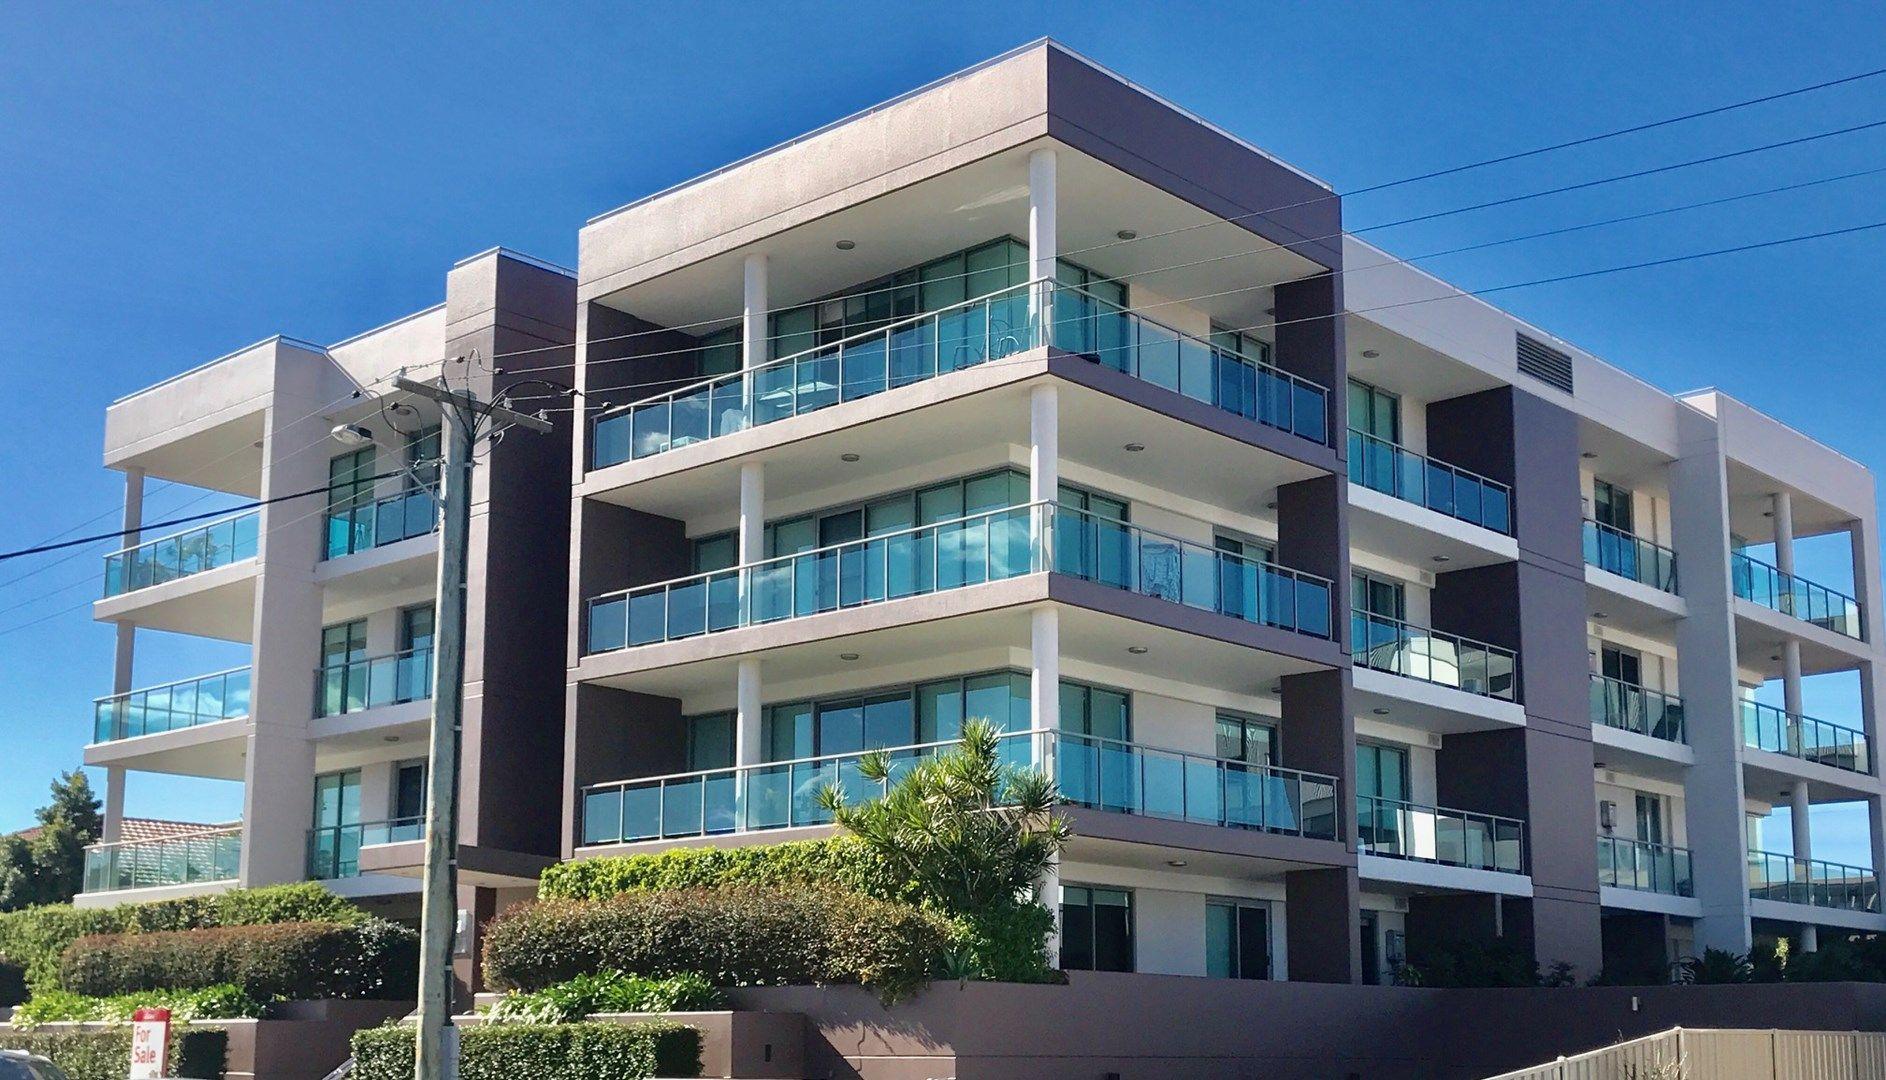 16/21-25 BEATSON STREET, Wollongong NSW 2500, Image 0